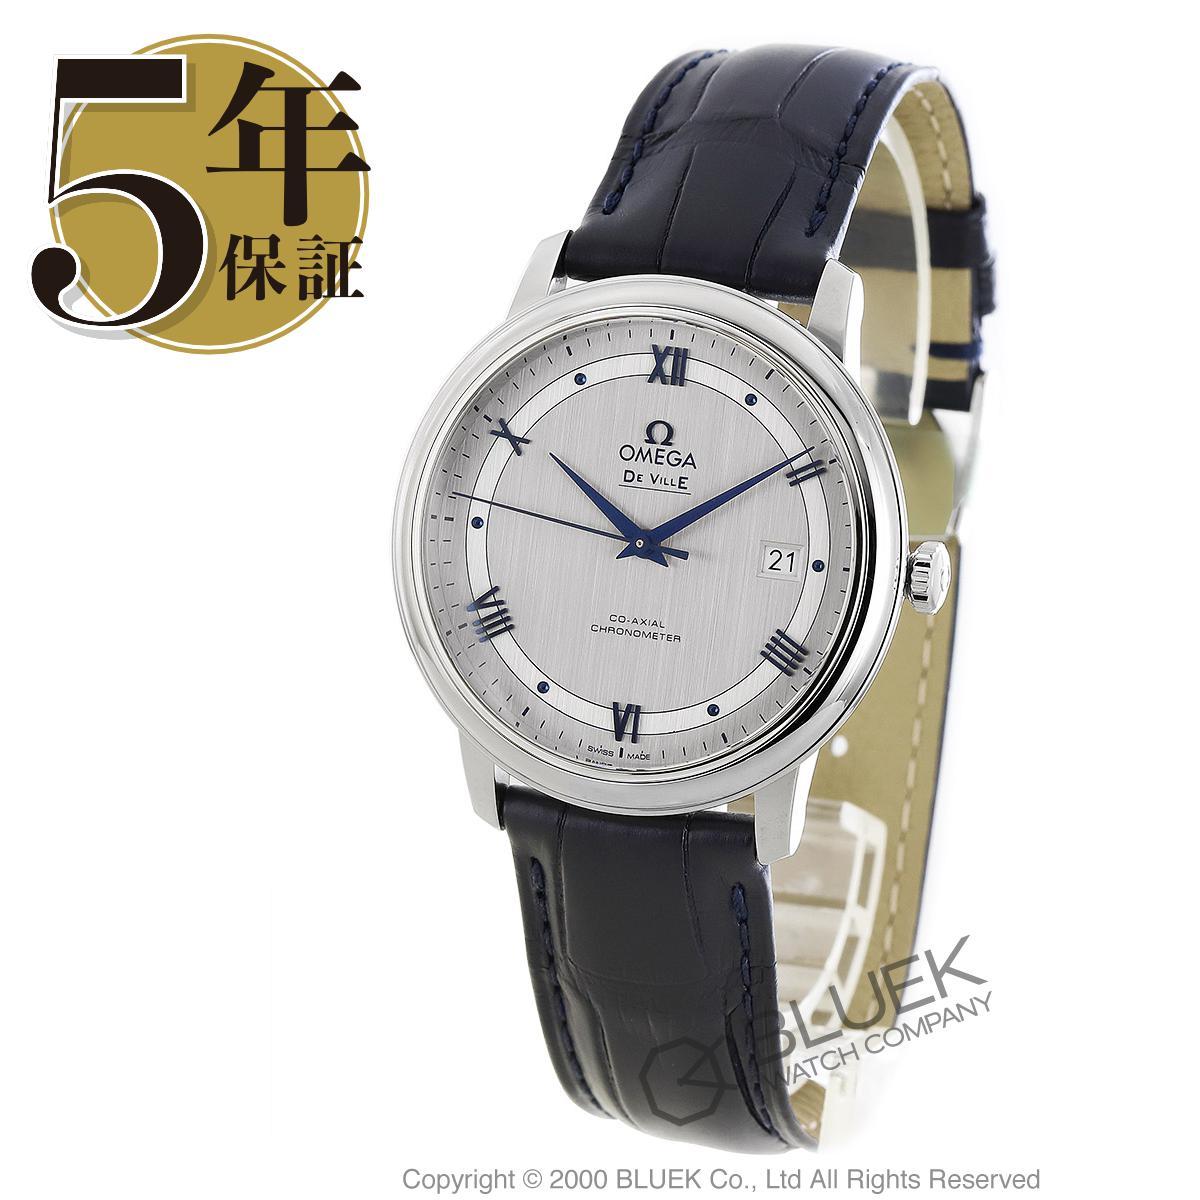 オメガ デビル プレステージ アリゲーターレザー 腕時計 メンズ OMEGA 424.13.40.20.02.003_5